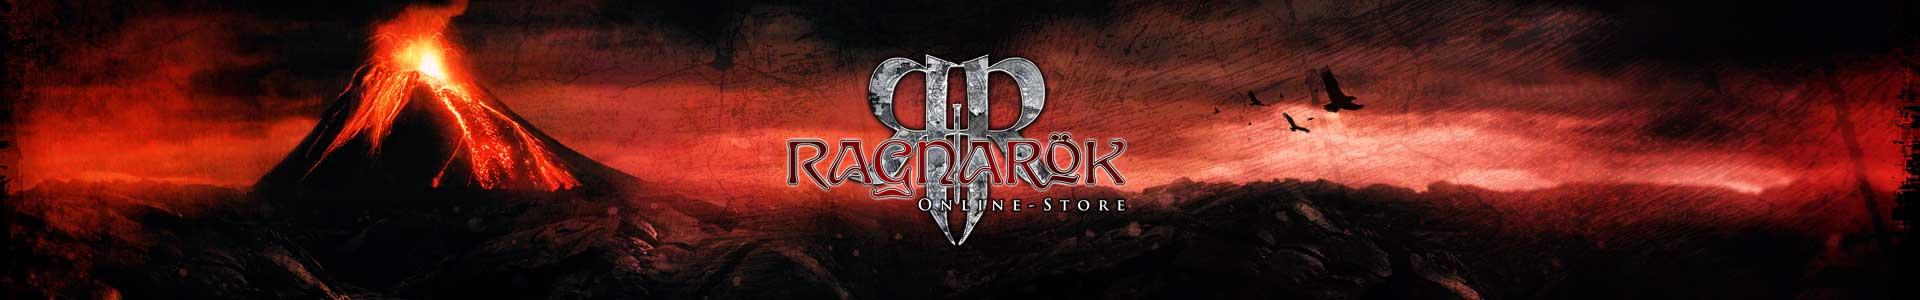 Ragnarök Festival Online Store